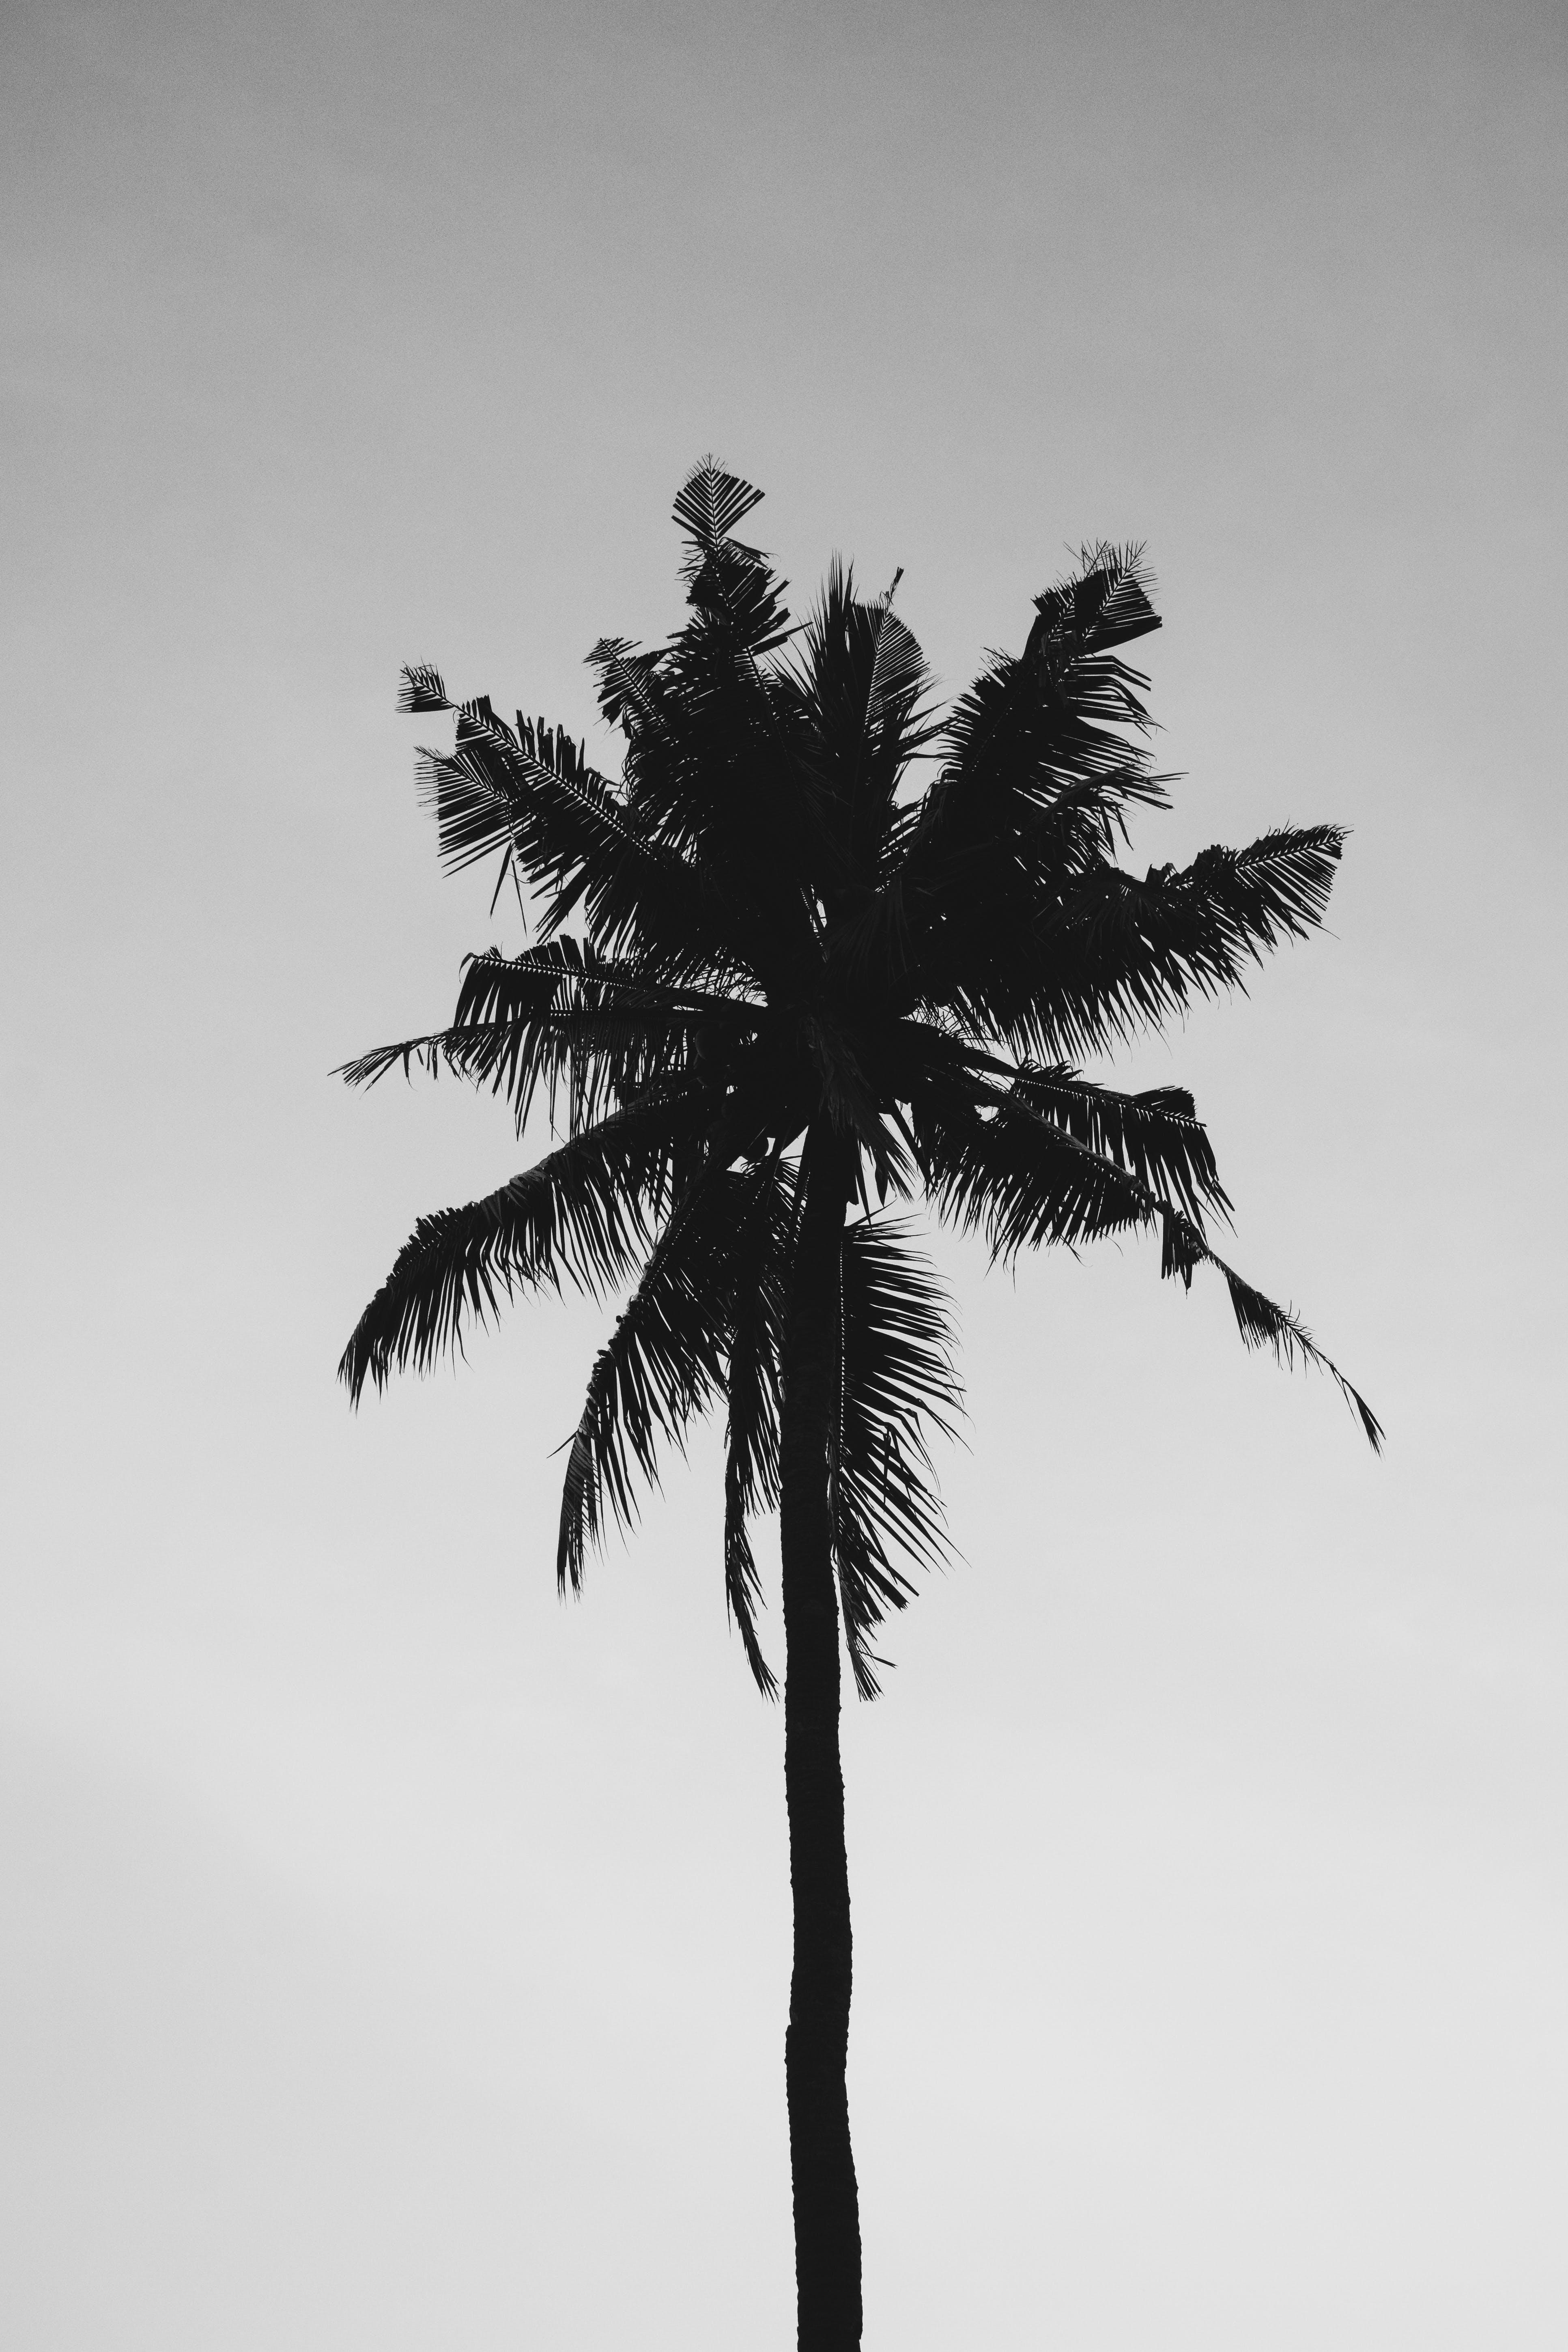 Coconut Tree Under Gray Sky